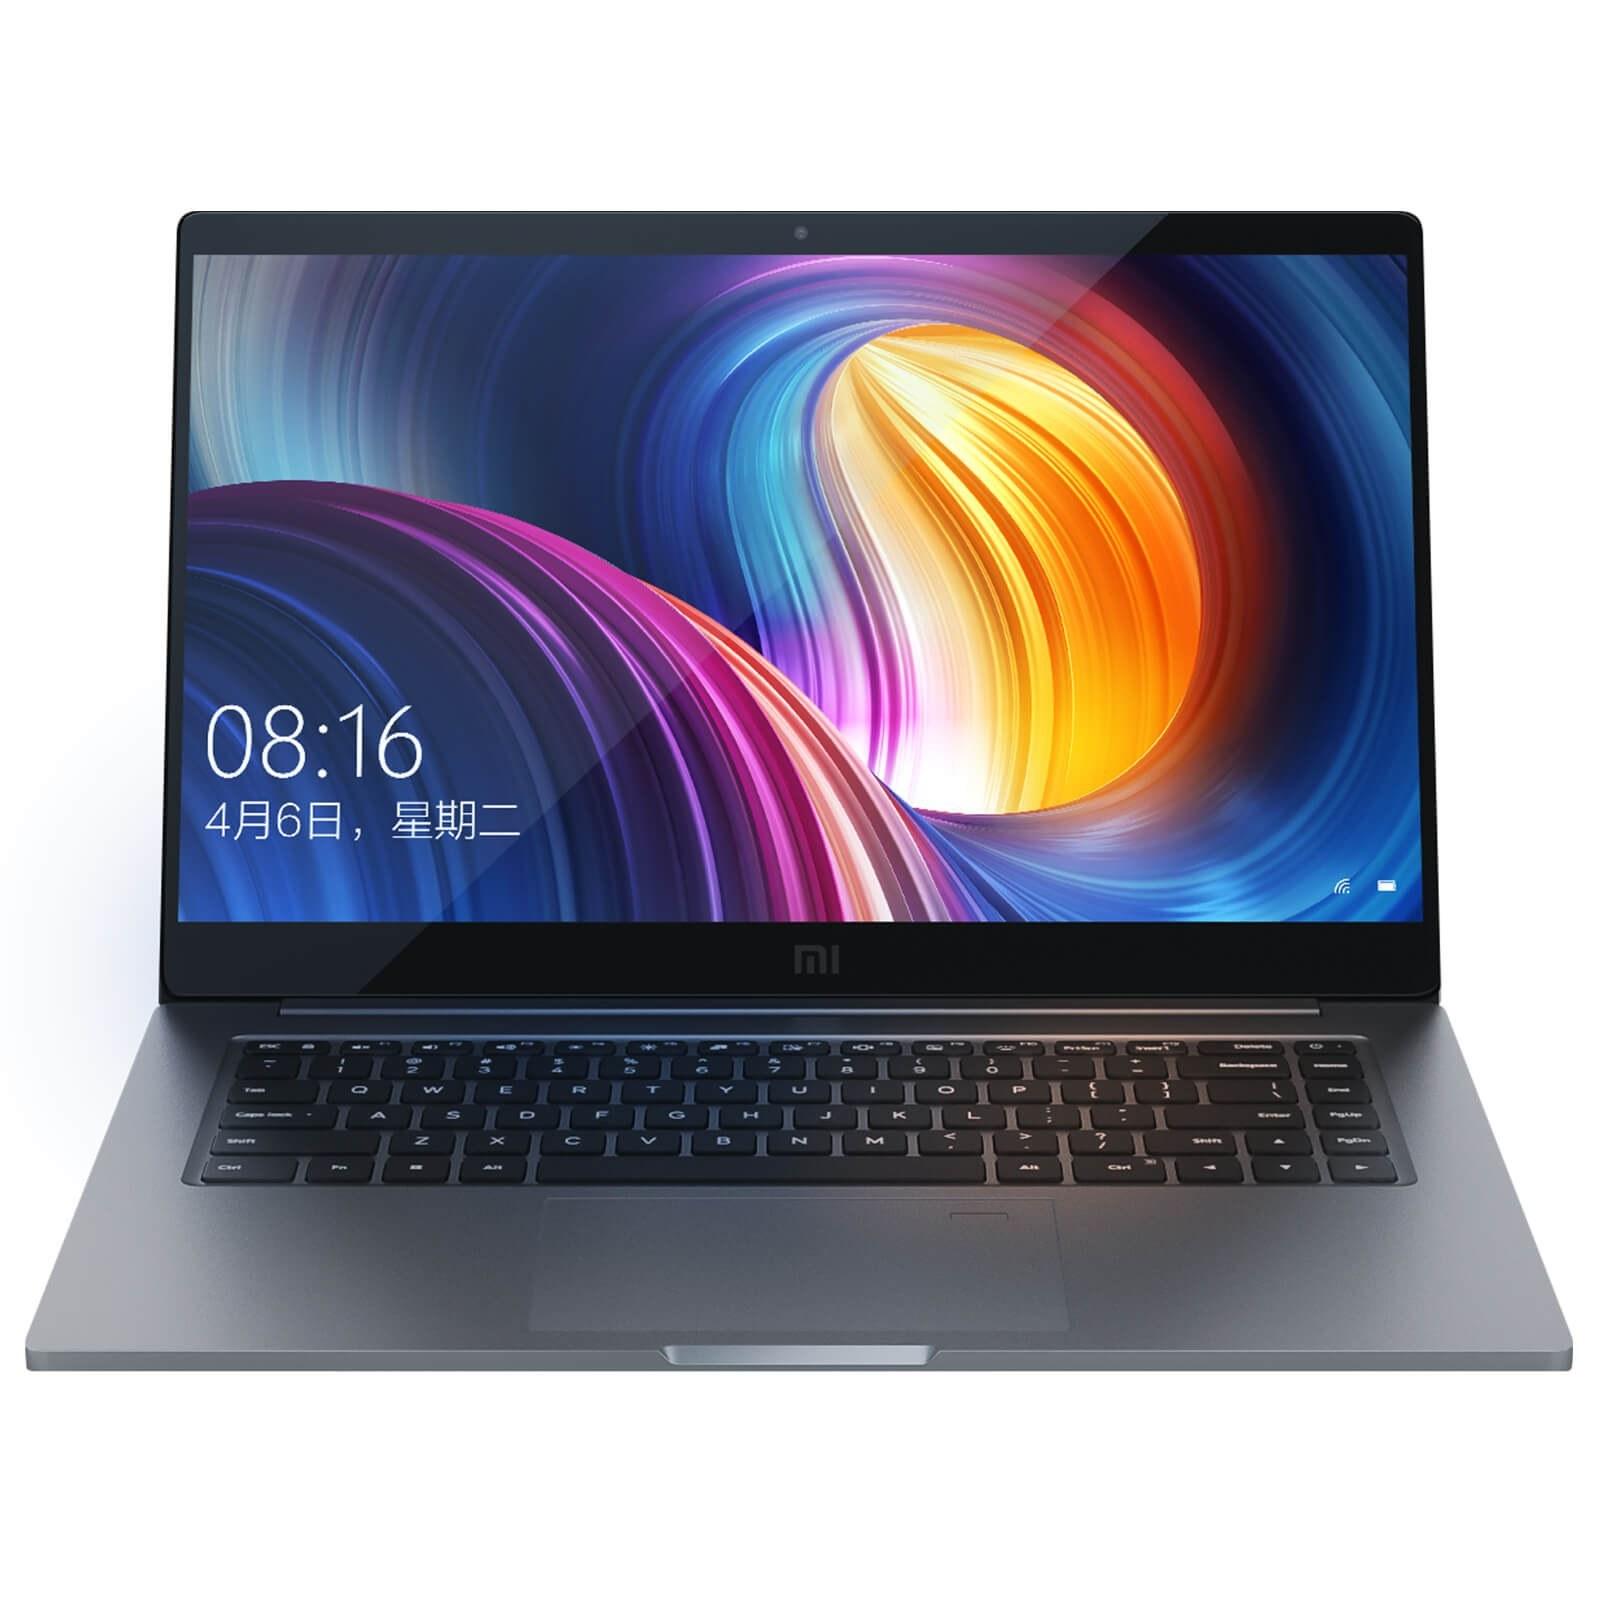 لپ تاپ شیائومی Pro Book 15.6 GTX Core-i7